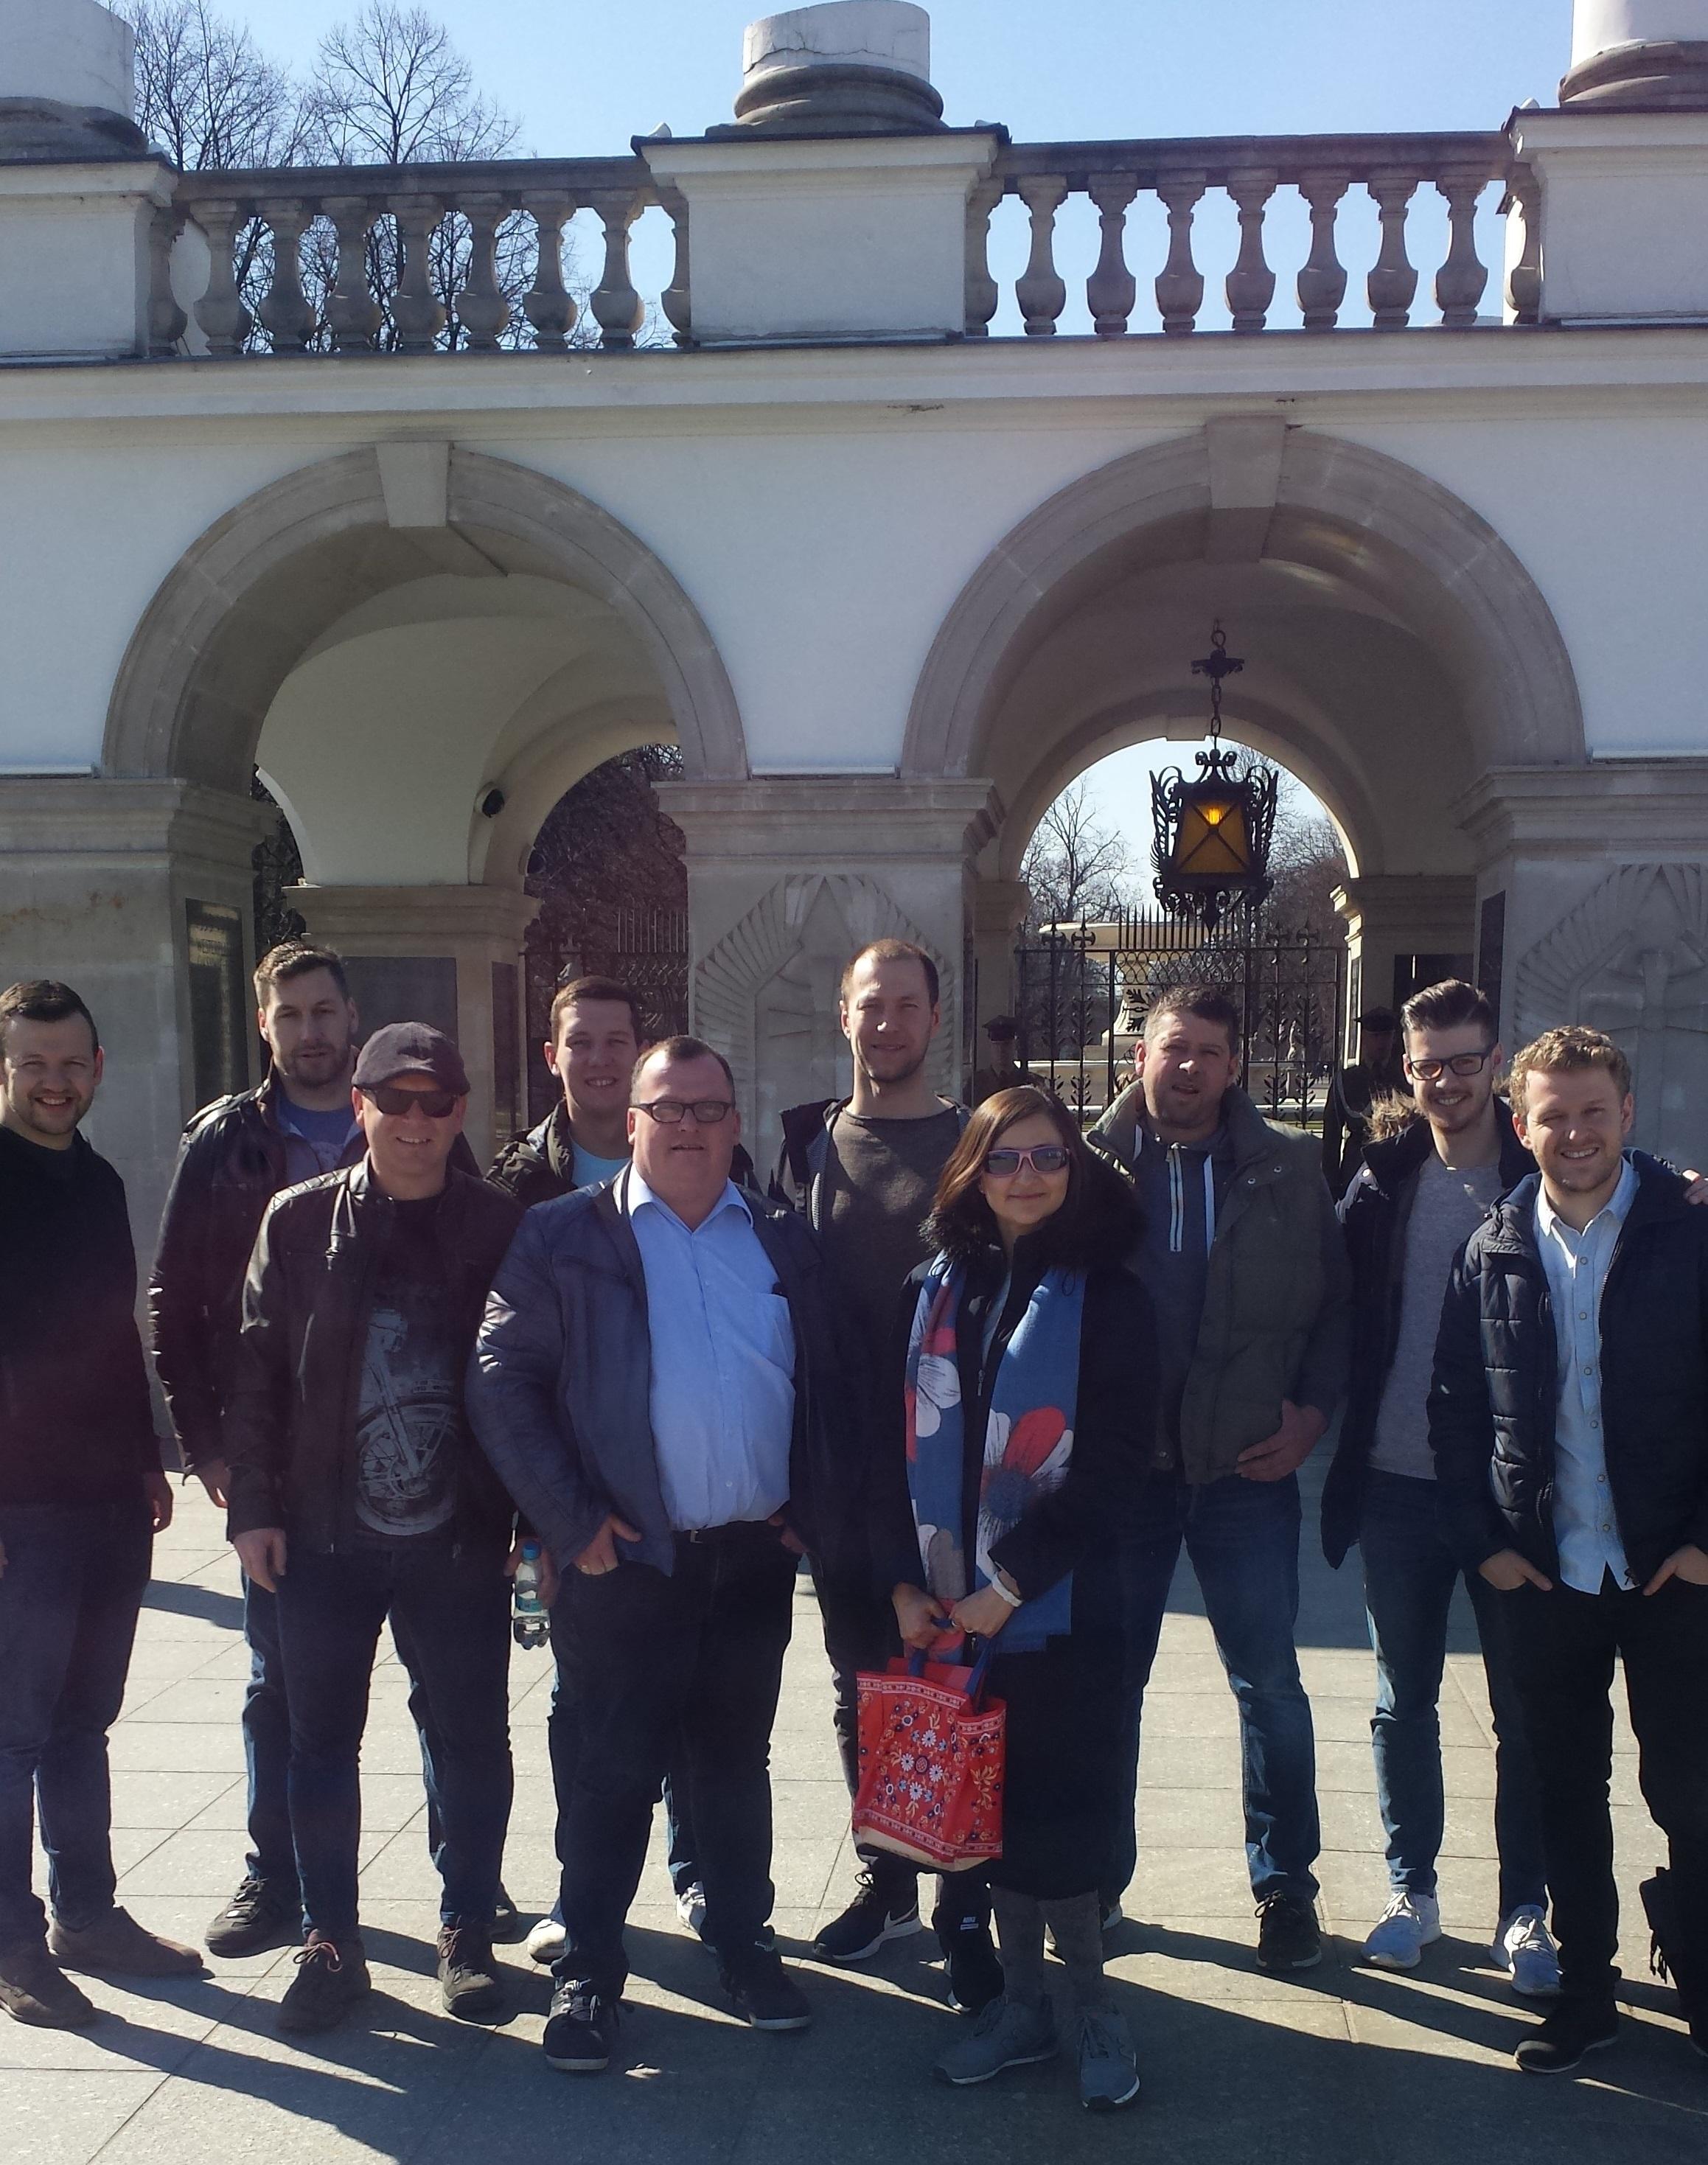 Step in Warsaw - Stadtführerin in Warschau. Ein schöner Frühlingstag in Warschau mit meinen Touristen aus Österreich. Wir sind bei dem Grabmal des Unbekannten Soldaten auf dem Piłsudski-Platz. Warschau, März 2019.